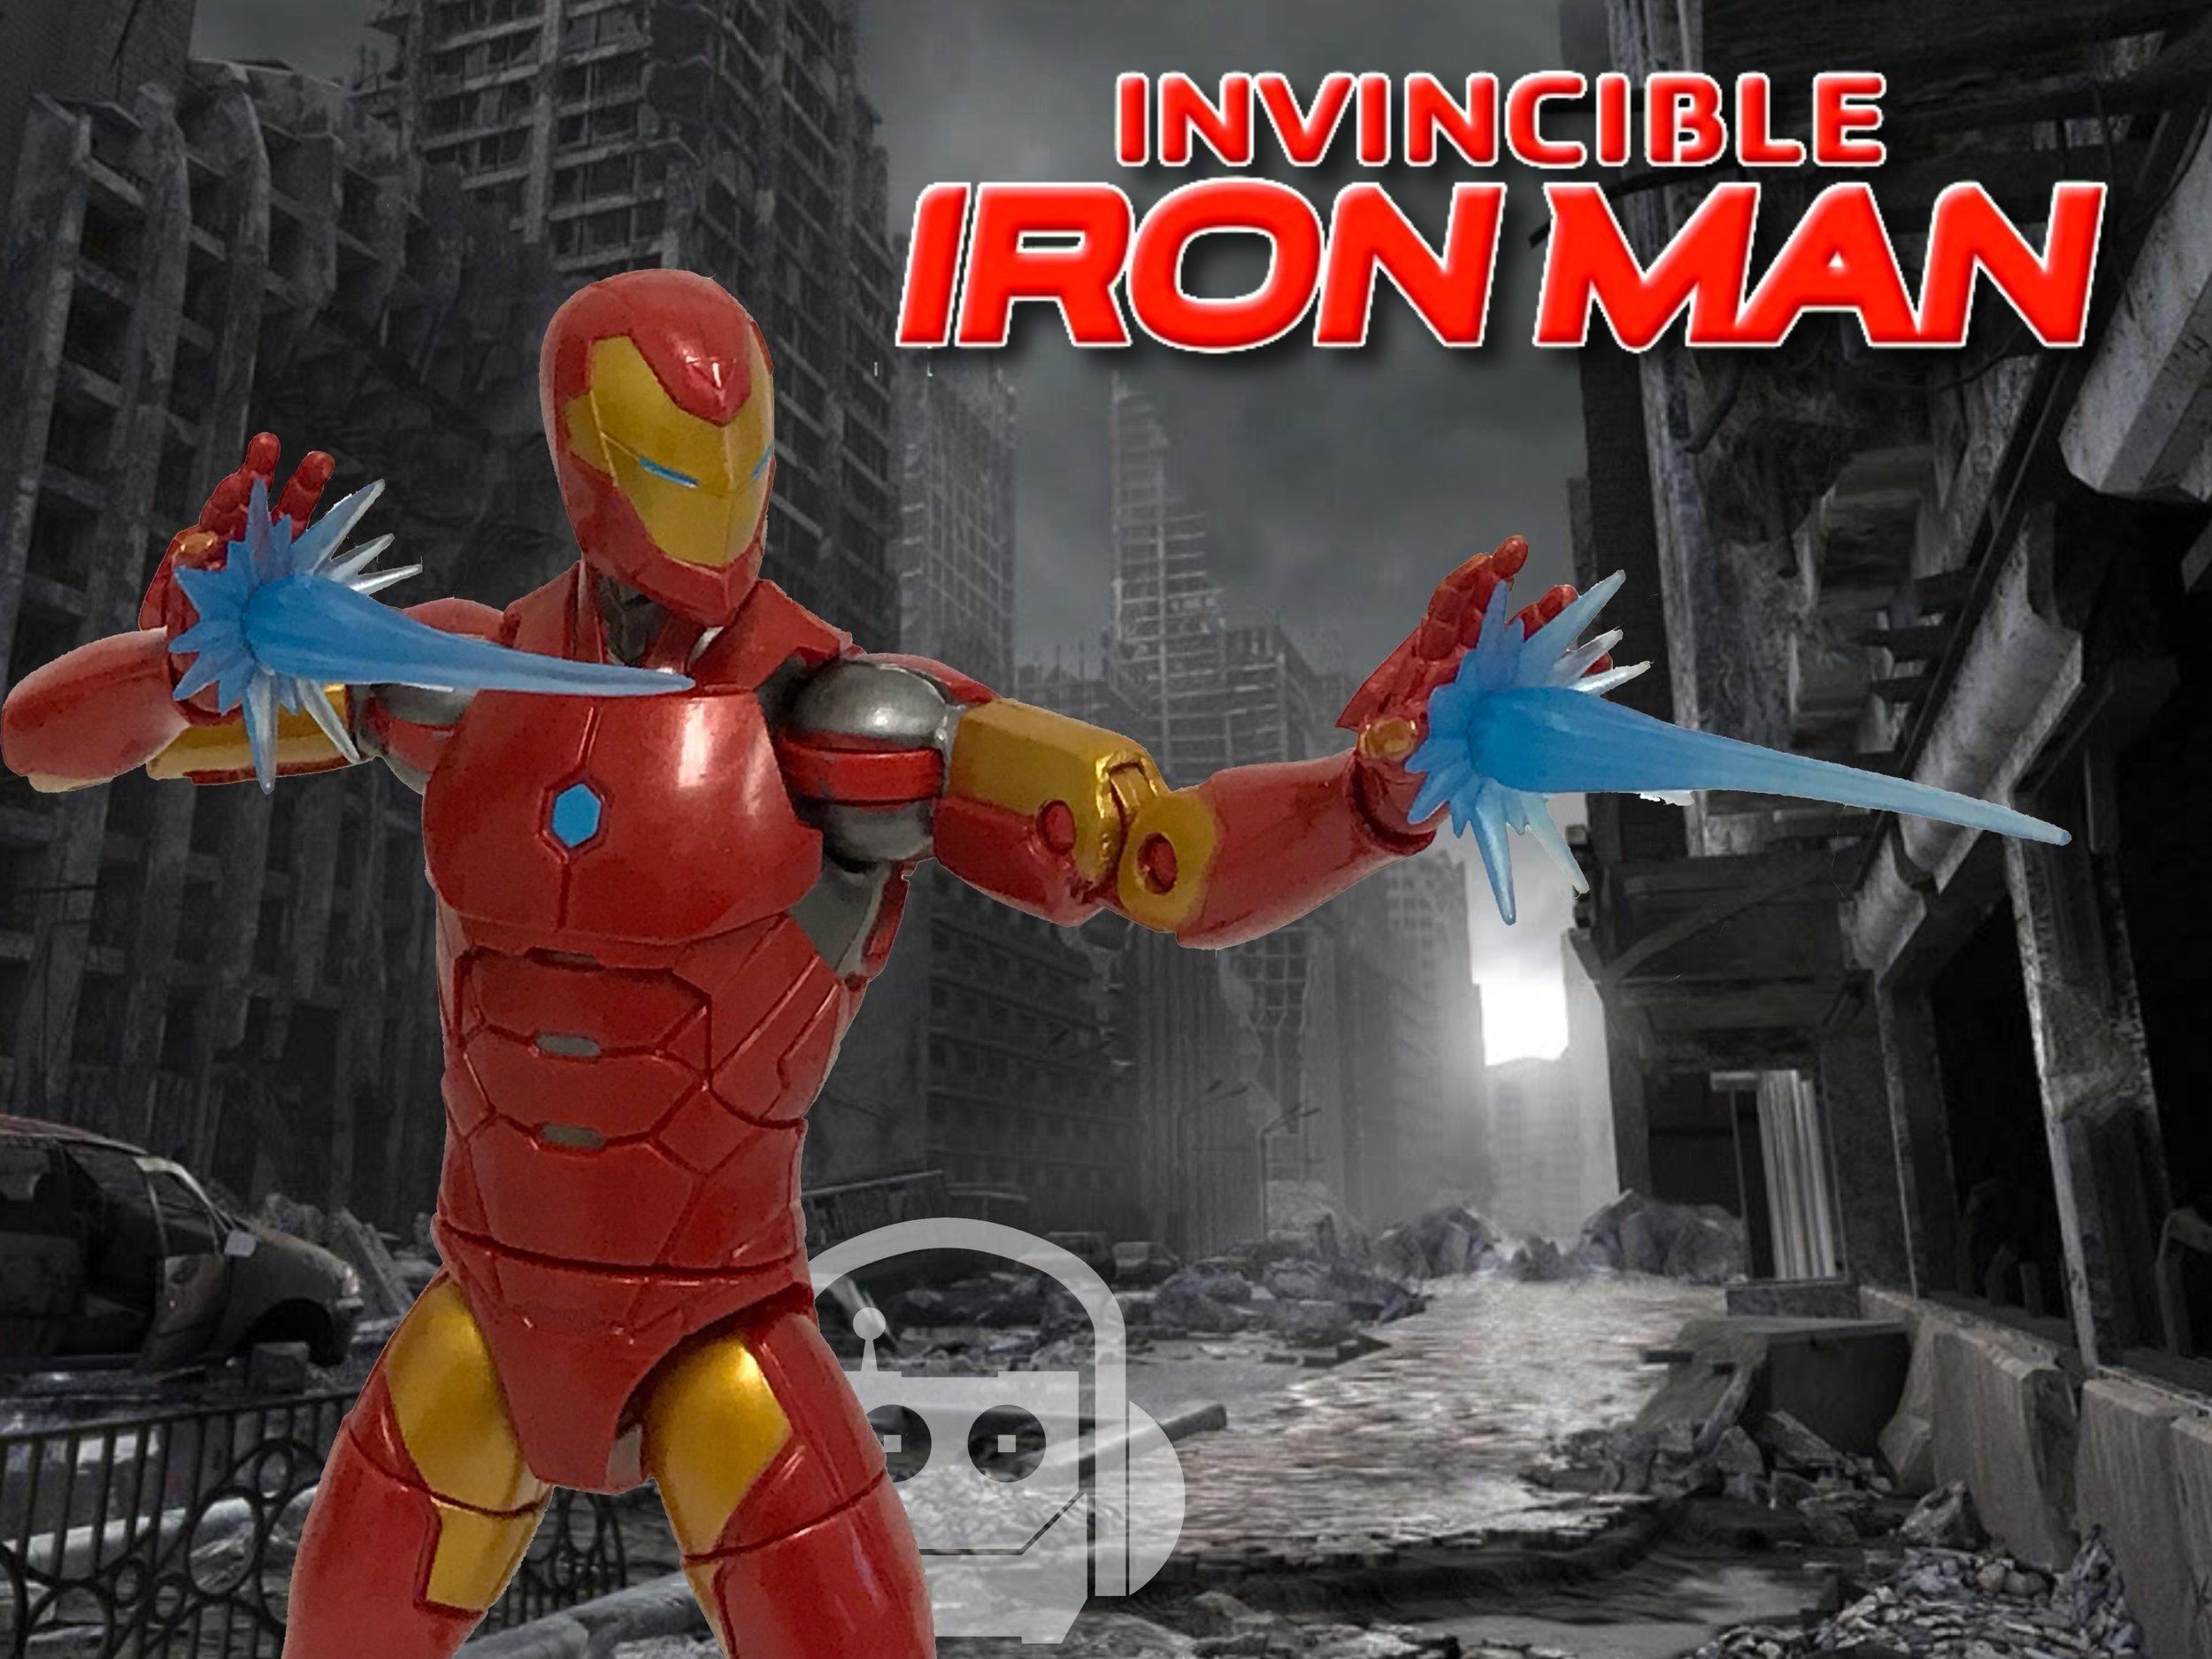 tying around iron man.jpg